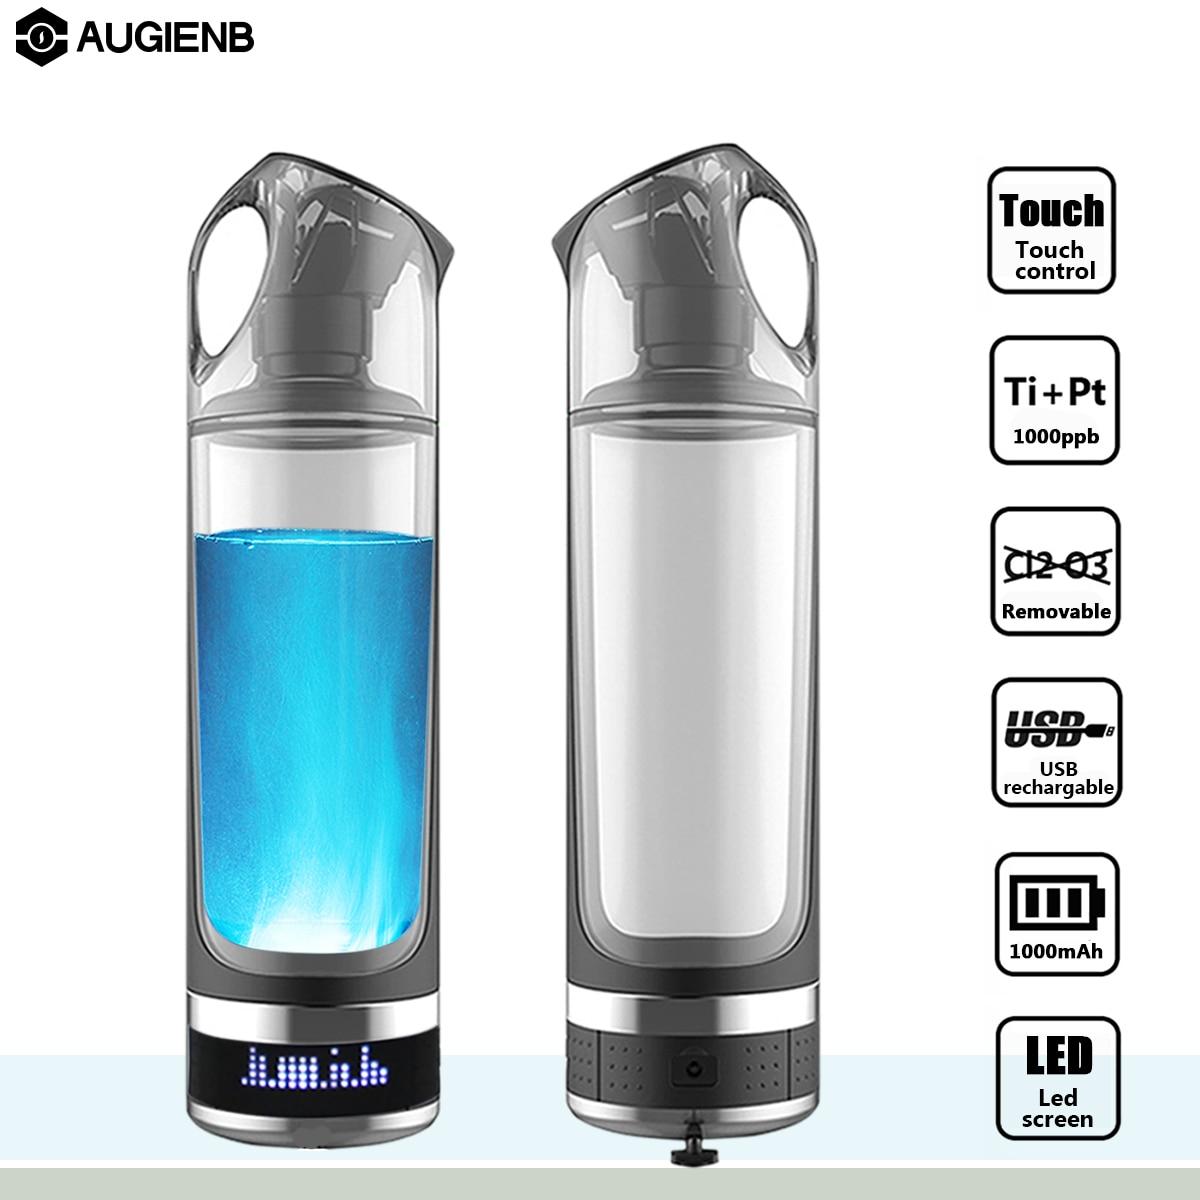 AUGIENB 500 мл водородная бутылка для воды lonizer щелочной генератор СВЕТОДИОДНЫЙ Портативный Здоровый стакан USB Перезаряжаемый Антивозрастной|Водяные фильтры|   | АлиЭкспресс - 16 фаворитов NikiMoran с Aliexpress